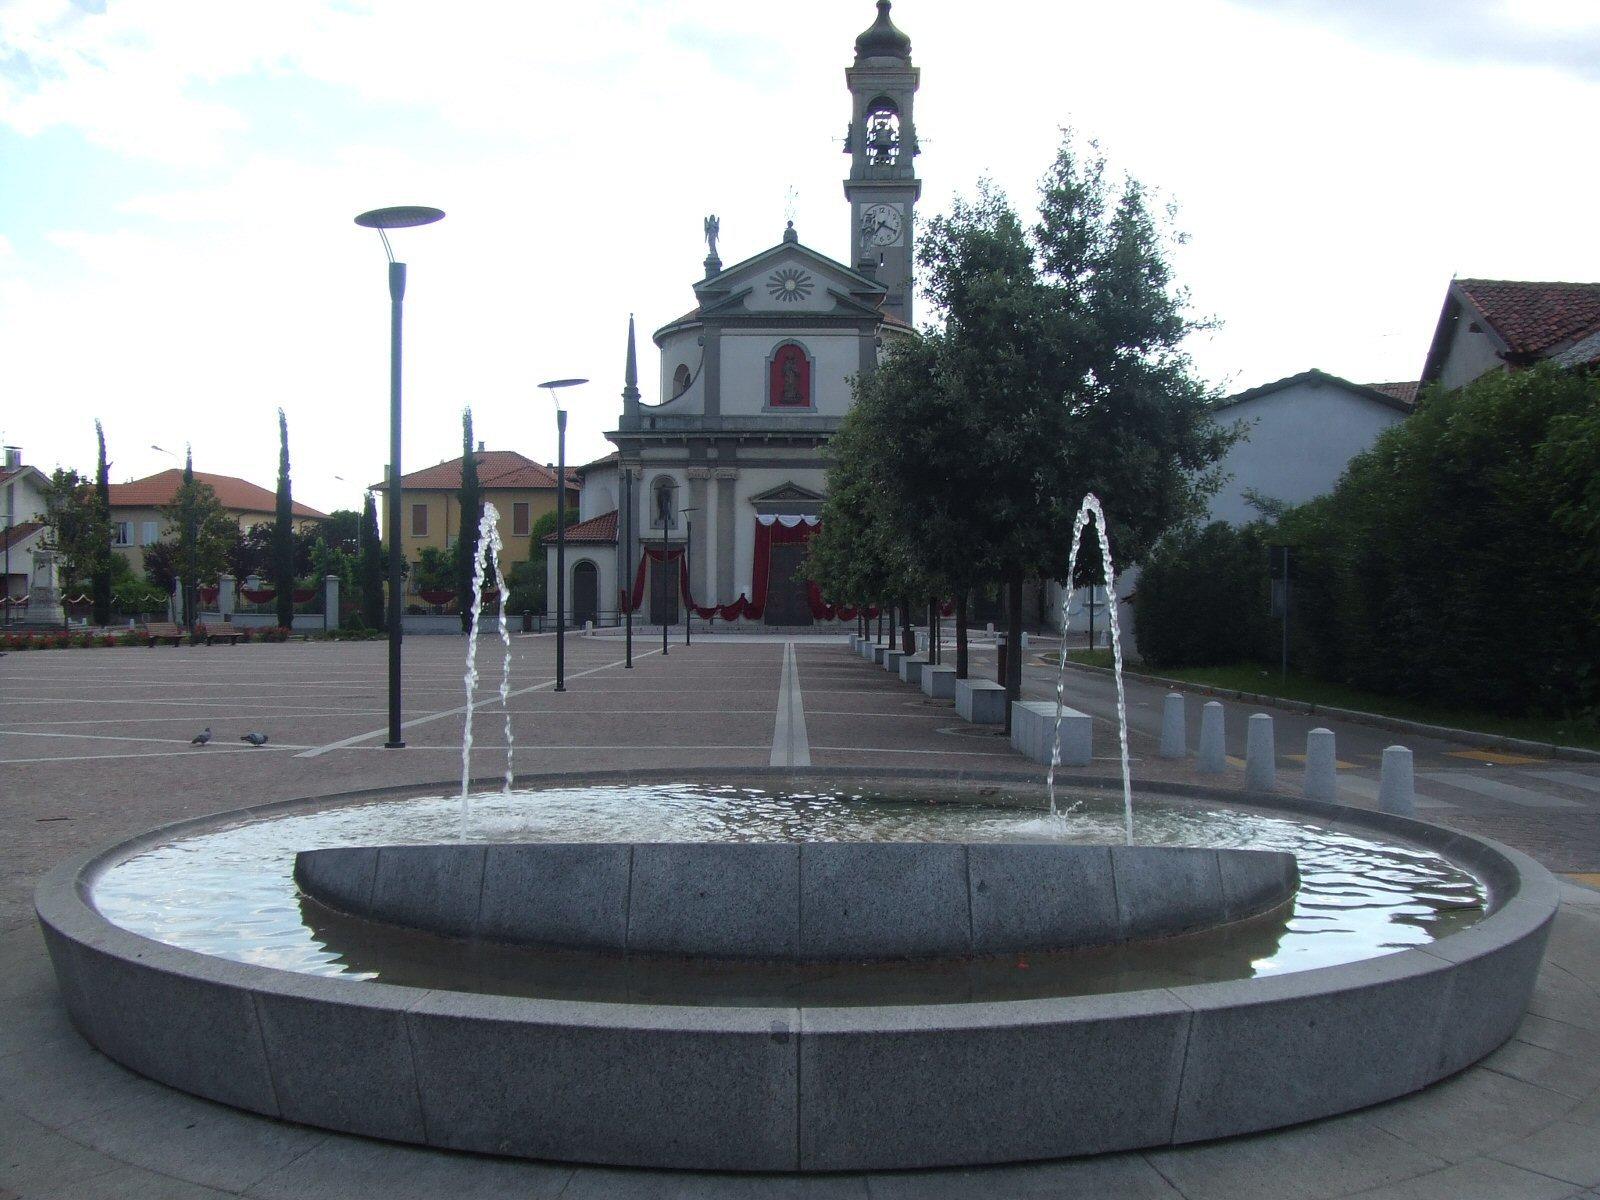 Fontana Piazza della Pace Caponago